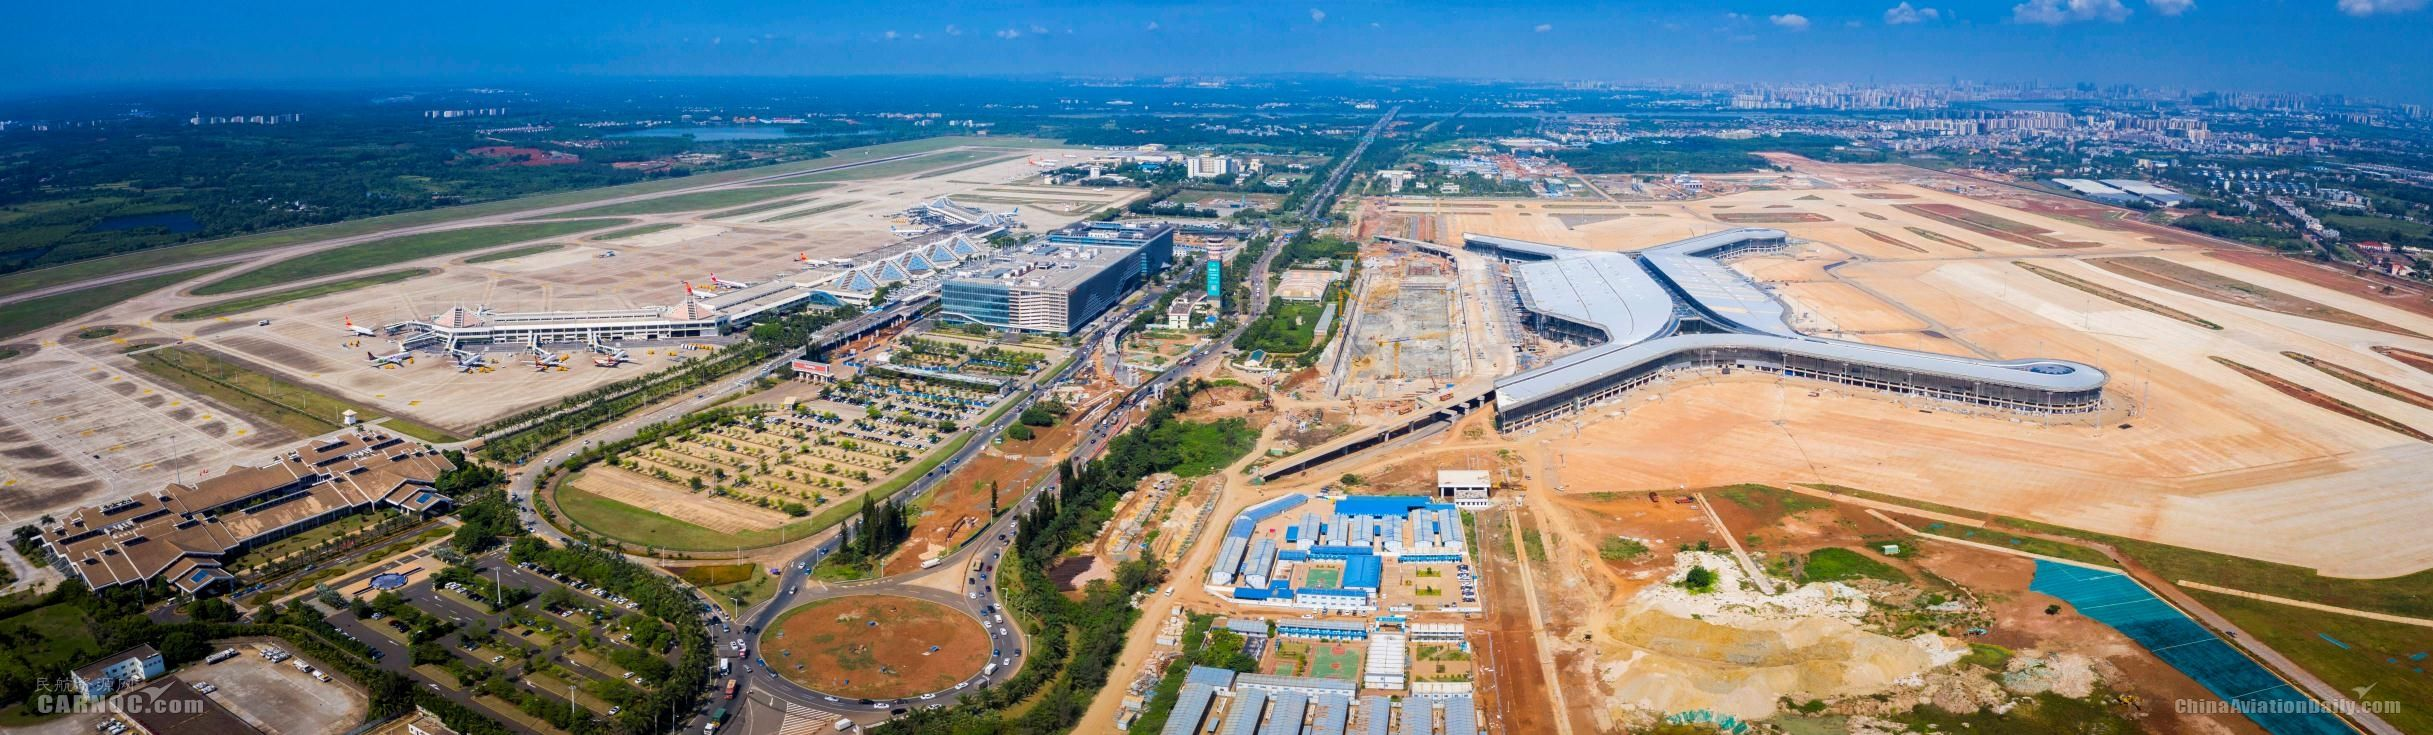 美兰机场二期扩建项目飞行区工程正式启动竣工验收